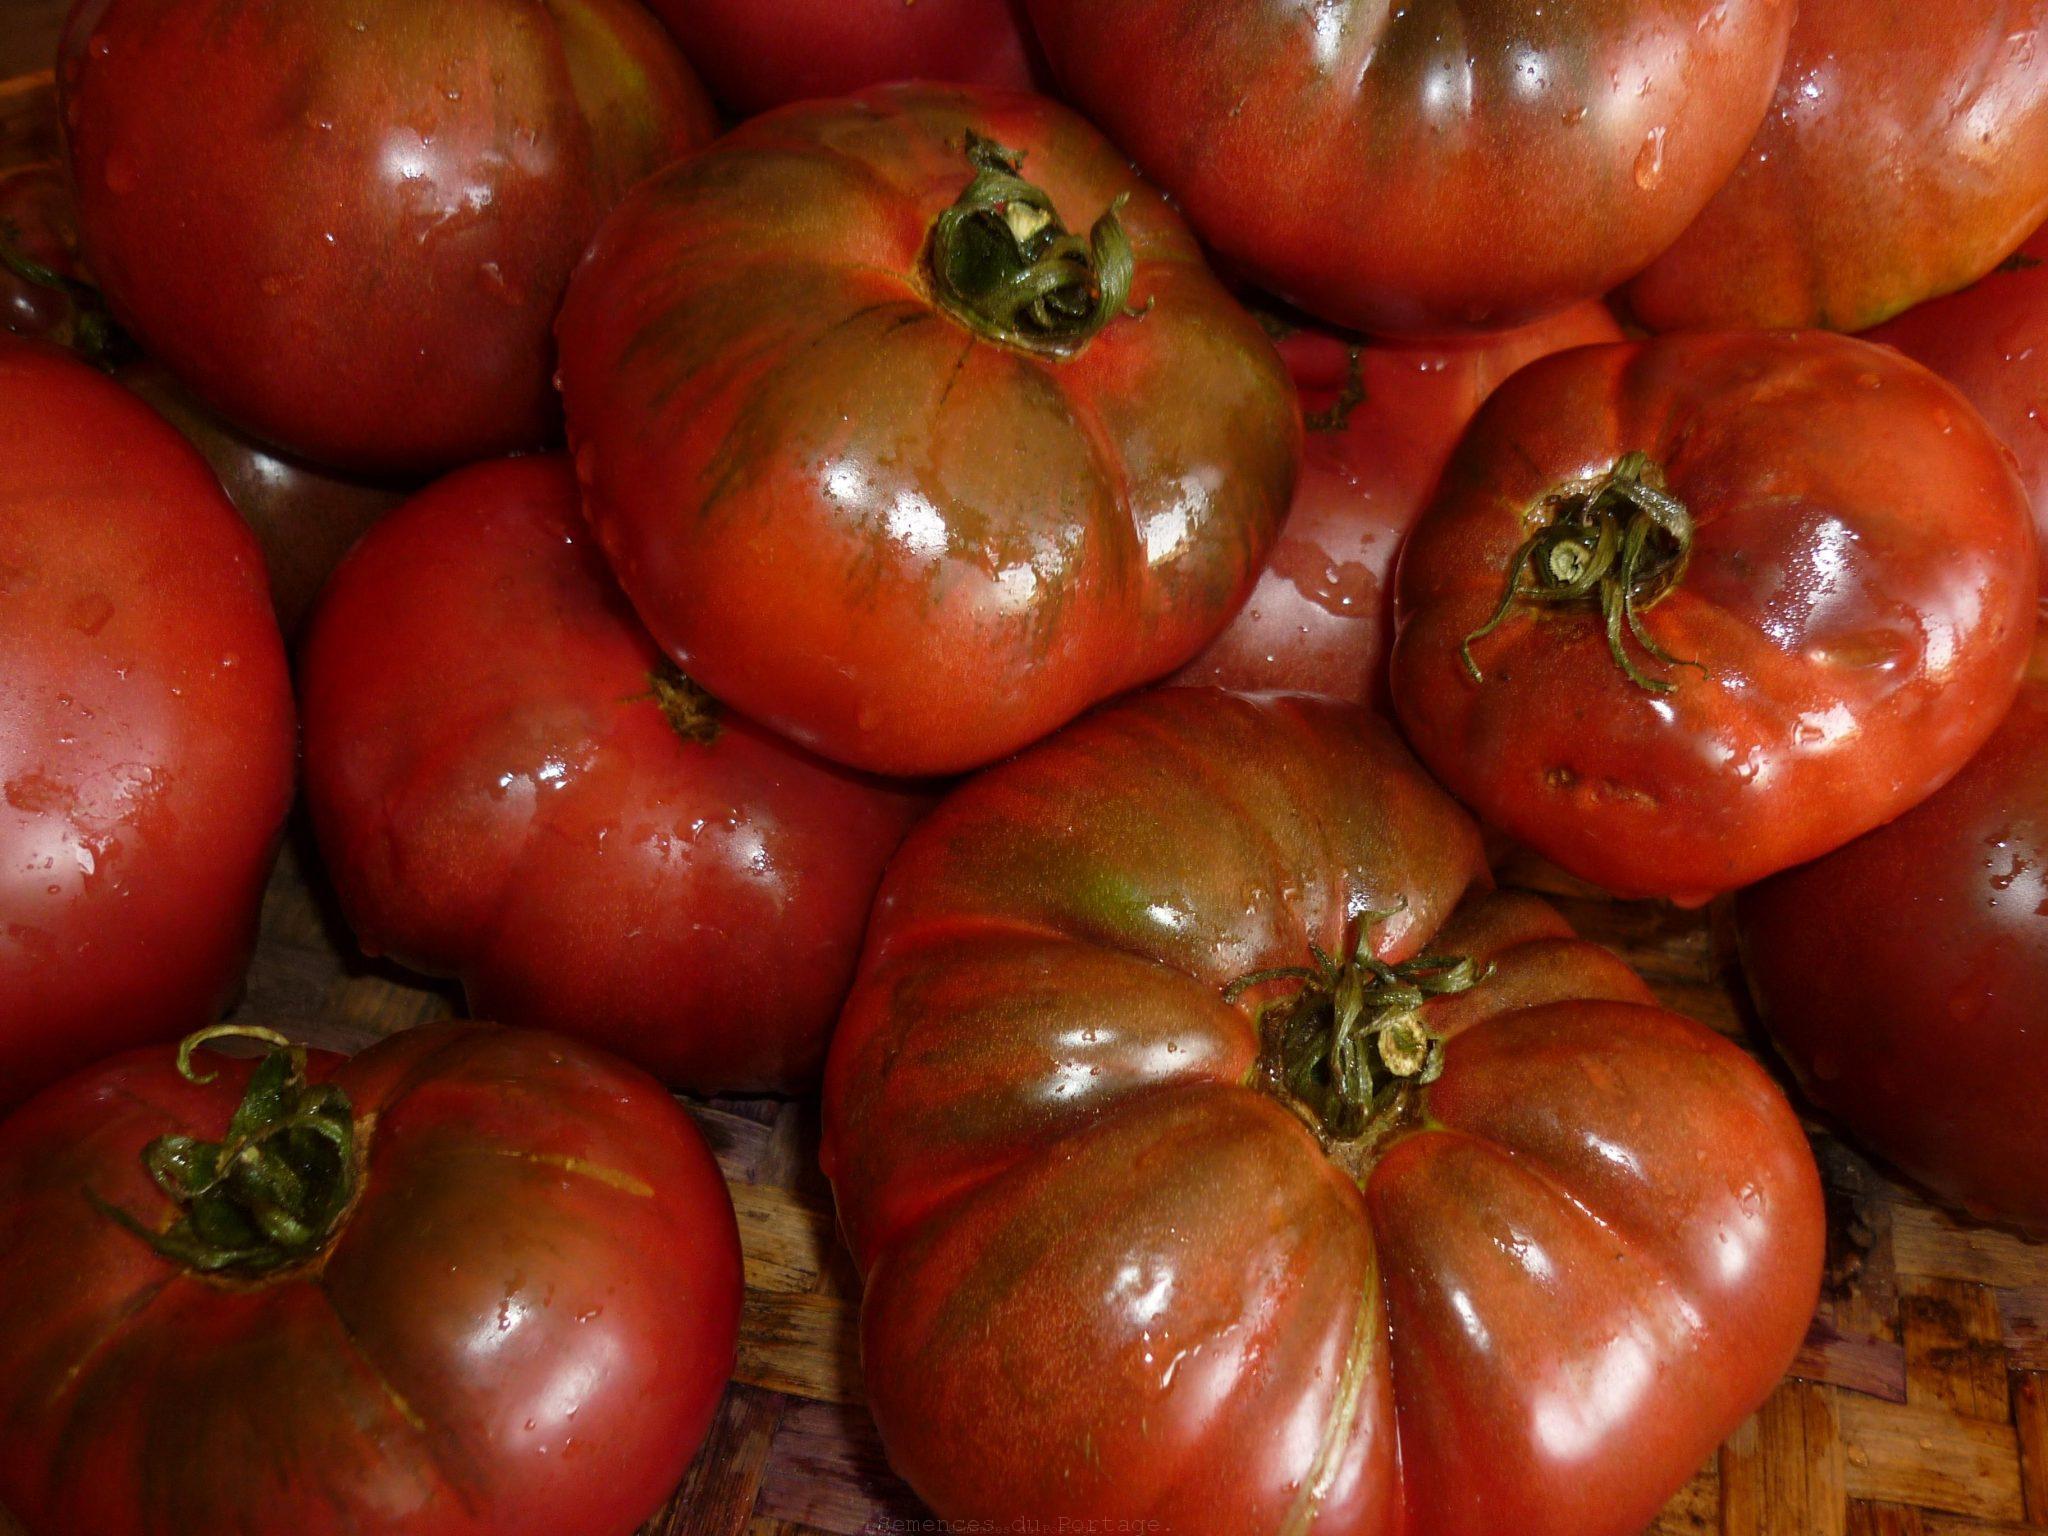 Tomate noire de crim e semences du portage - Noir de crimee ...